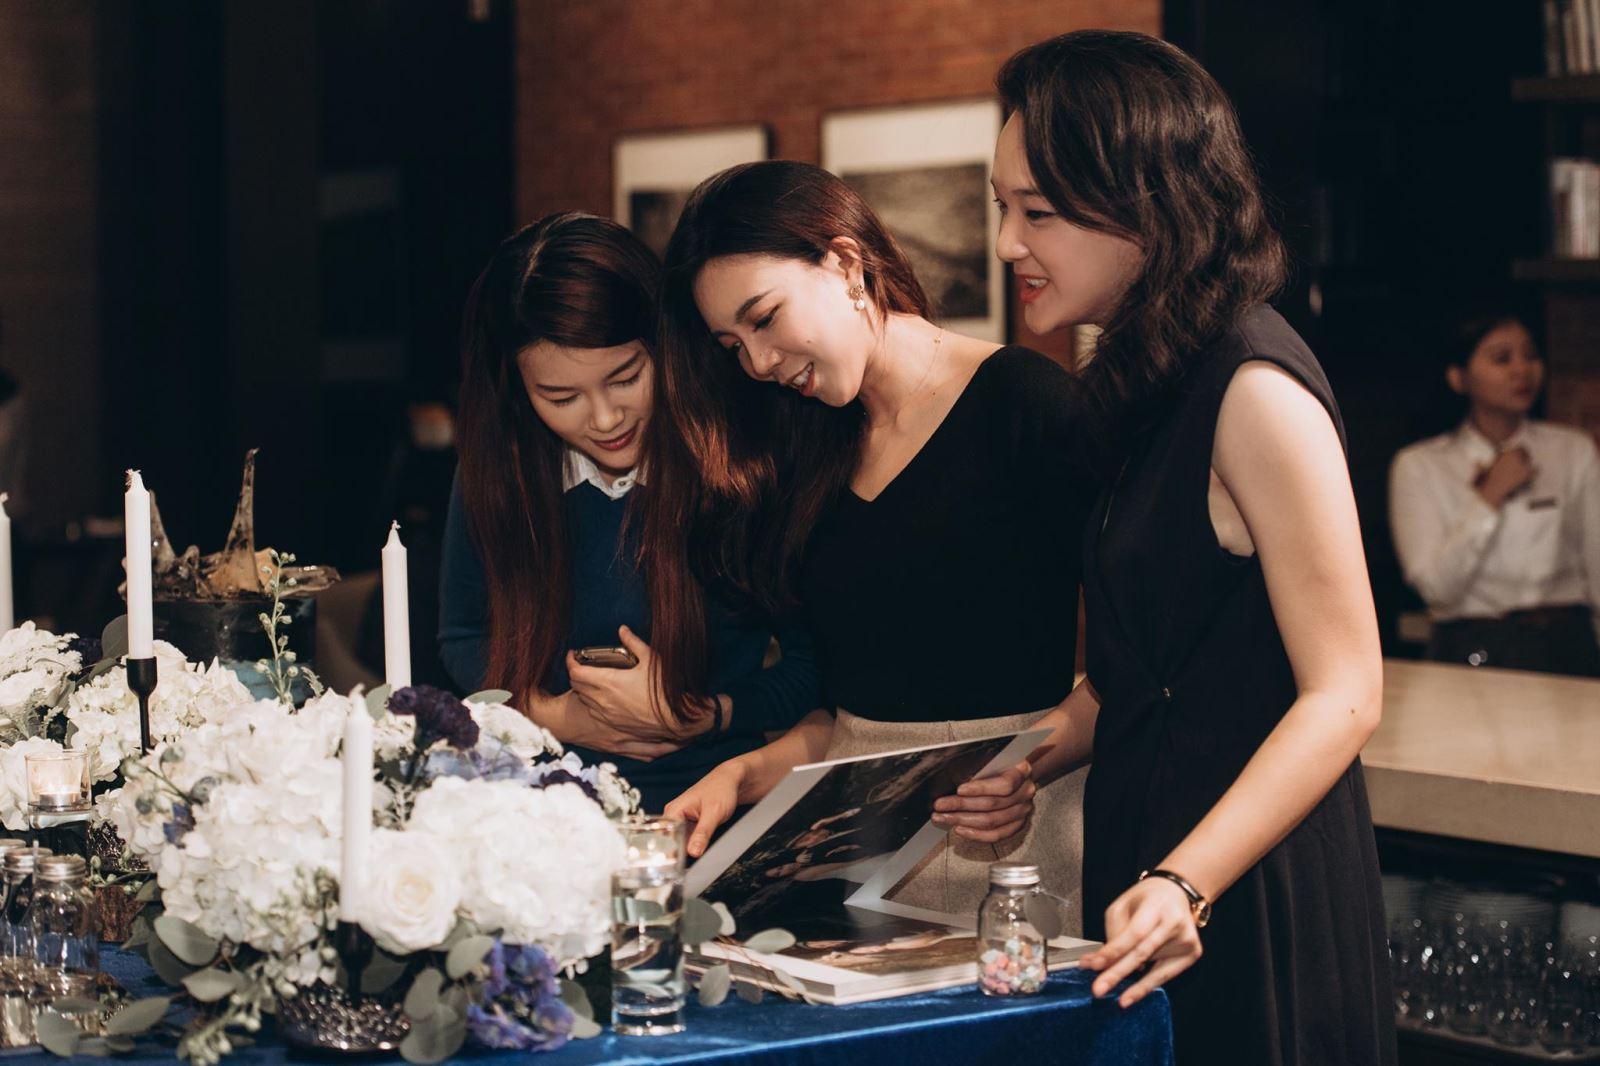 迎賓時刻,一群美女翻閱著新人的婚紗照